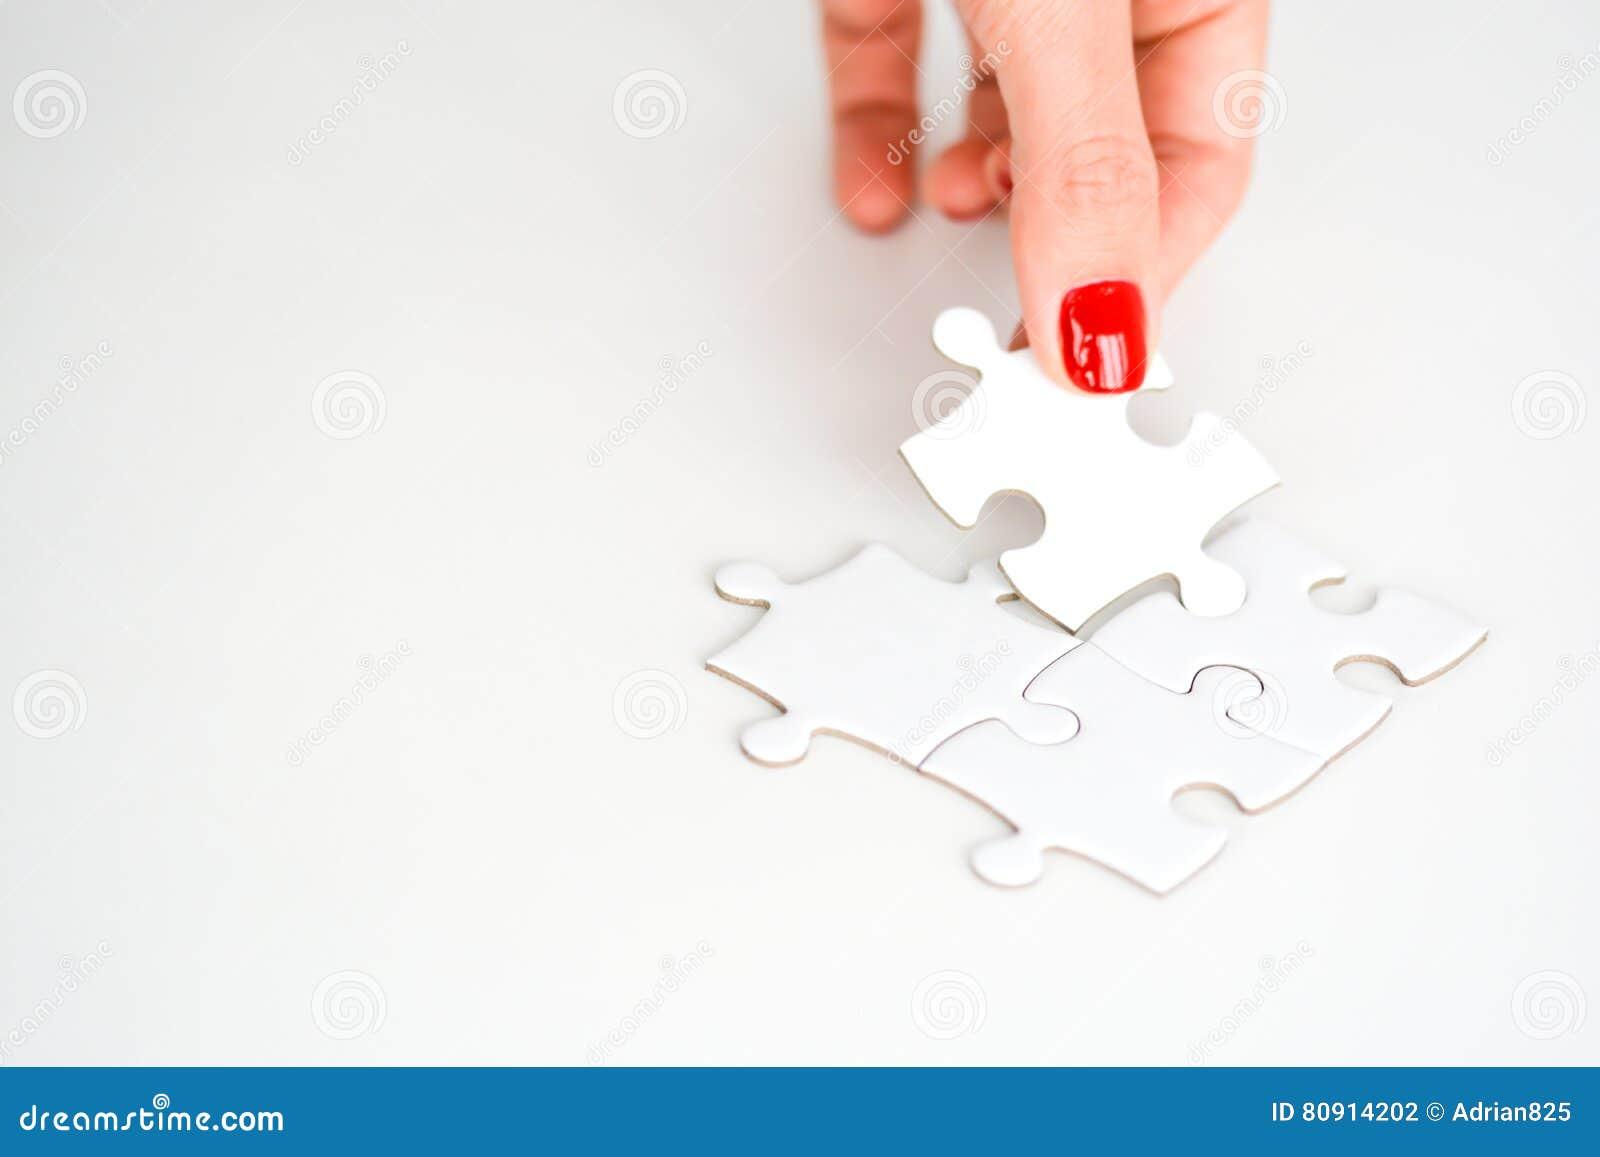 Χέρι γυναικών που εγκαθιστά το σωστό κομμάτι του γρίφου που προτείνει την έννοια επιχειρησιακής δικτύωσης